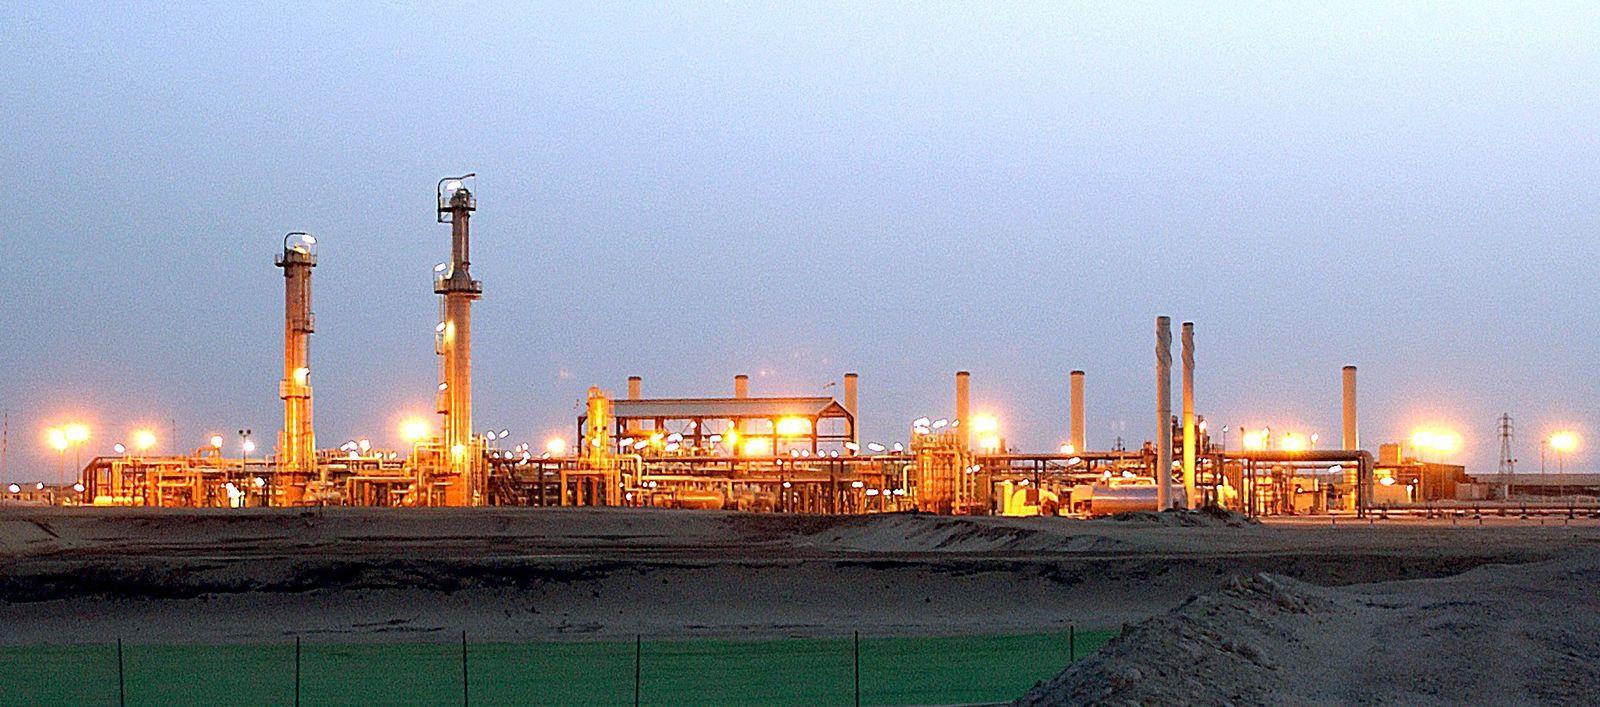 BASF-Tochter Wintershall - Anlagen in Libyen / Raffinerie / Öl